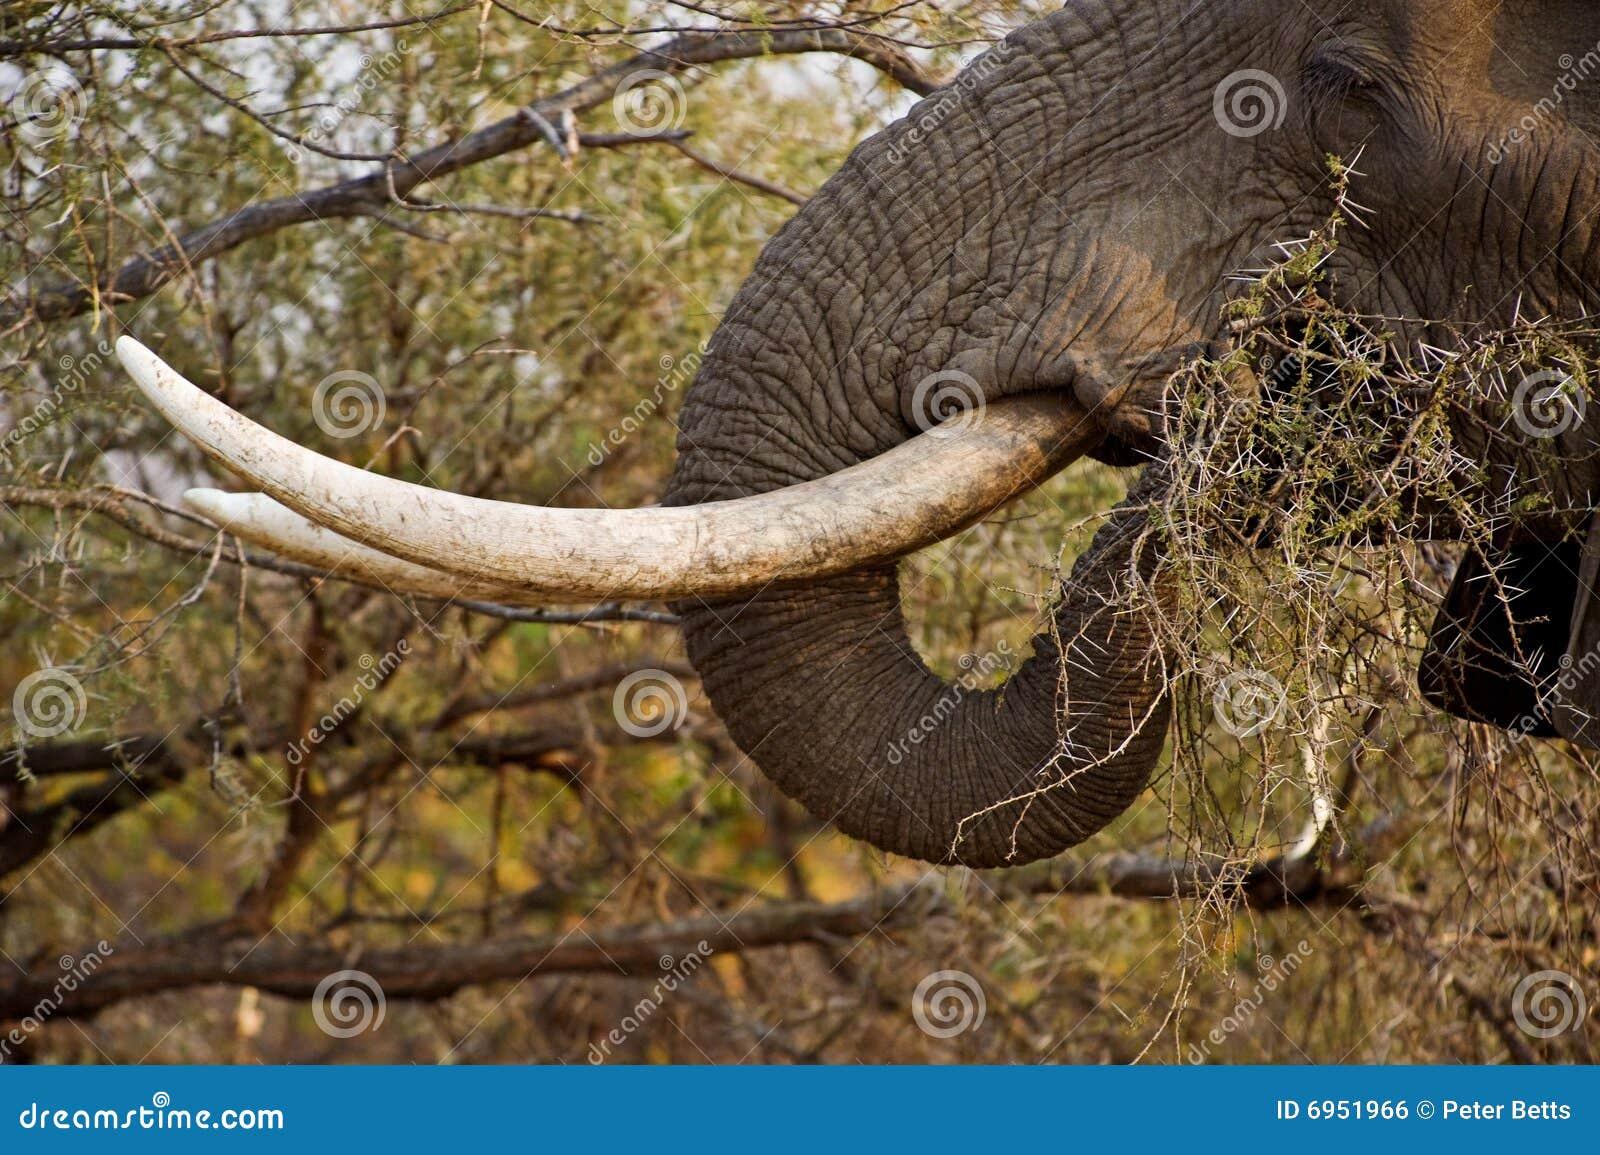 Colmillos del elefante foto de archivo. Imagen de colmillo - 6951966